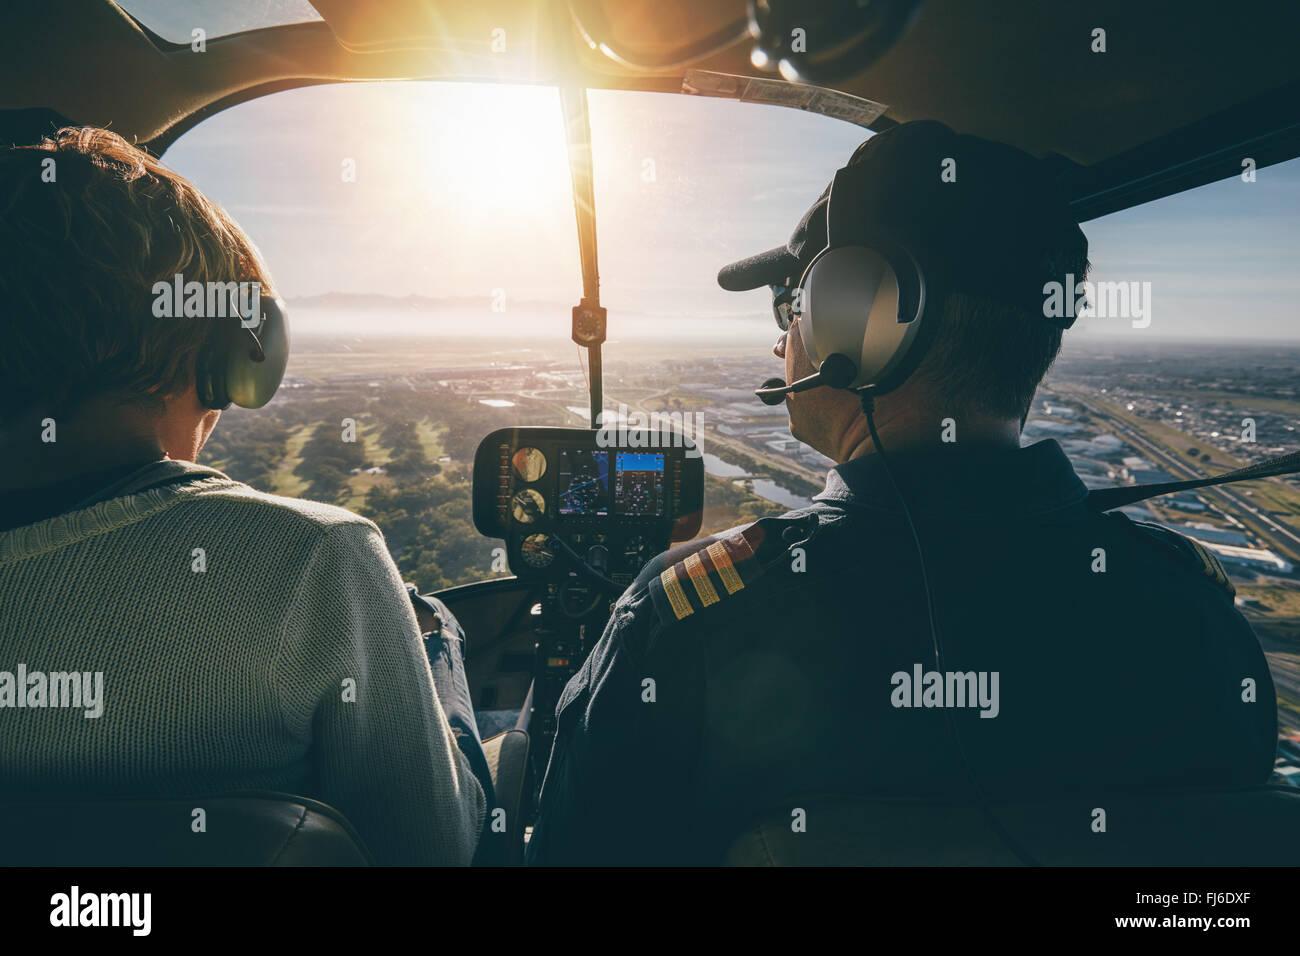 Vue intérieure d'un hélicoptère en vol, avec l'homme et de la femme pilote un hélicoptère Photo Stock